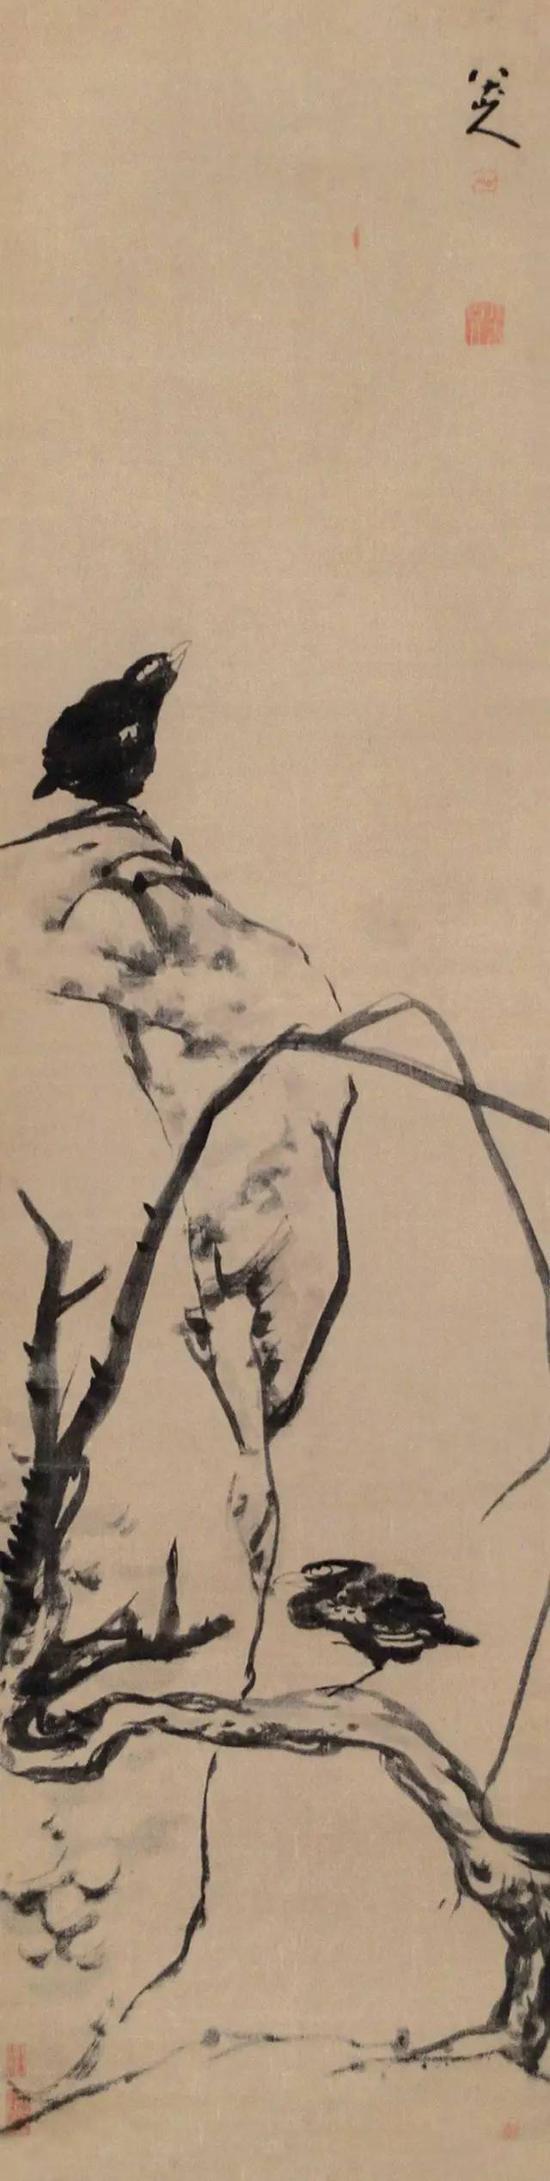 清 八大山人 拳石双鸟图 立轴 水墨绢本 成交价2240万元